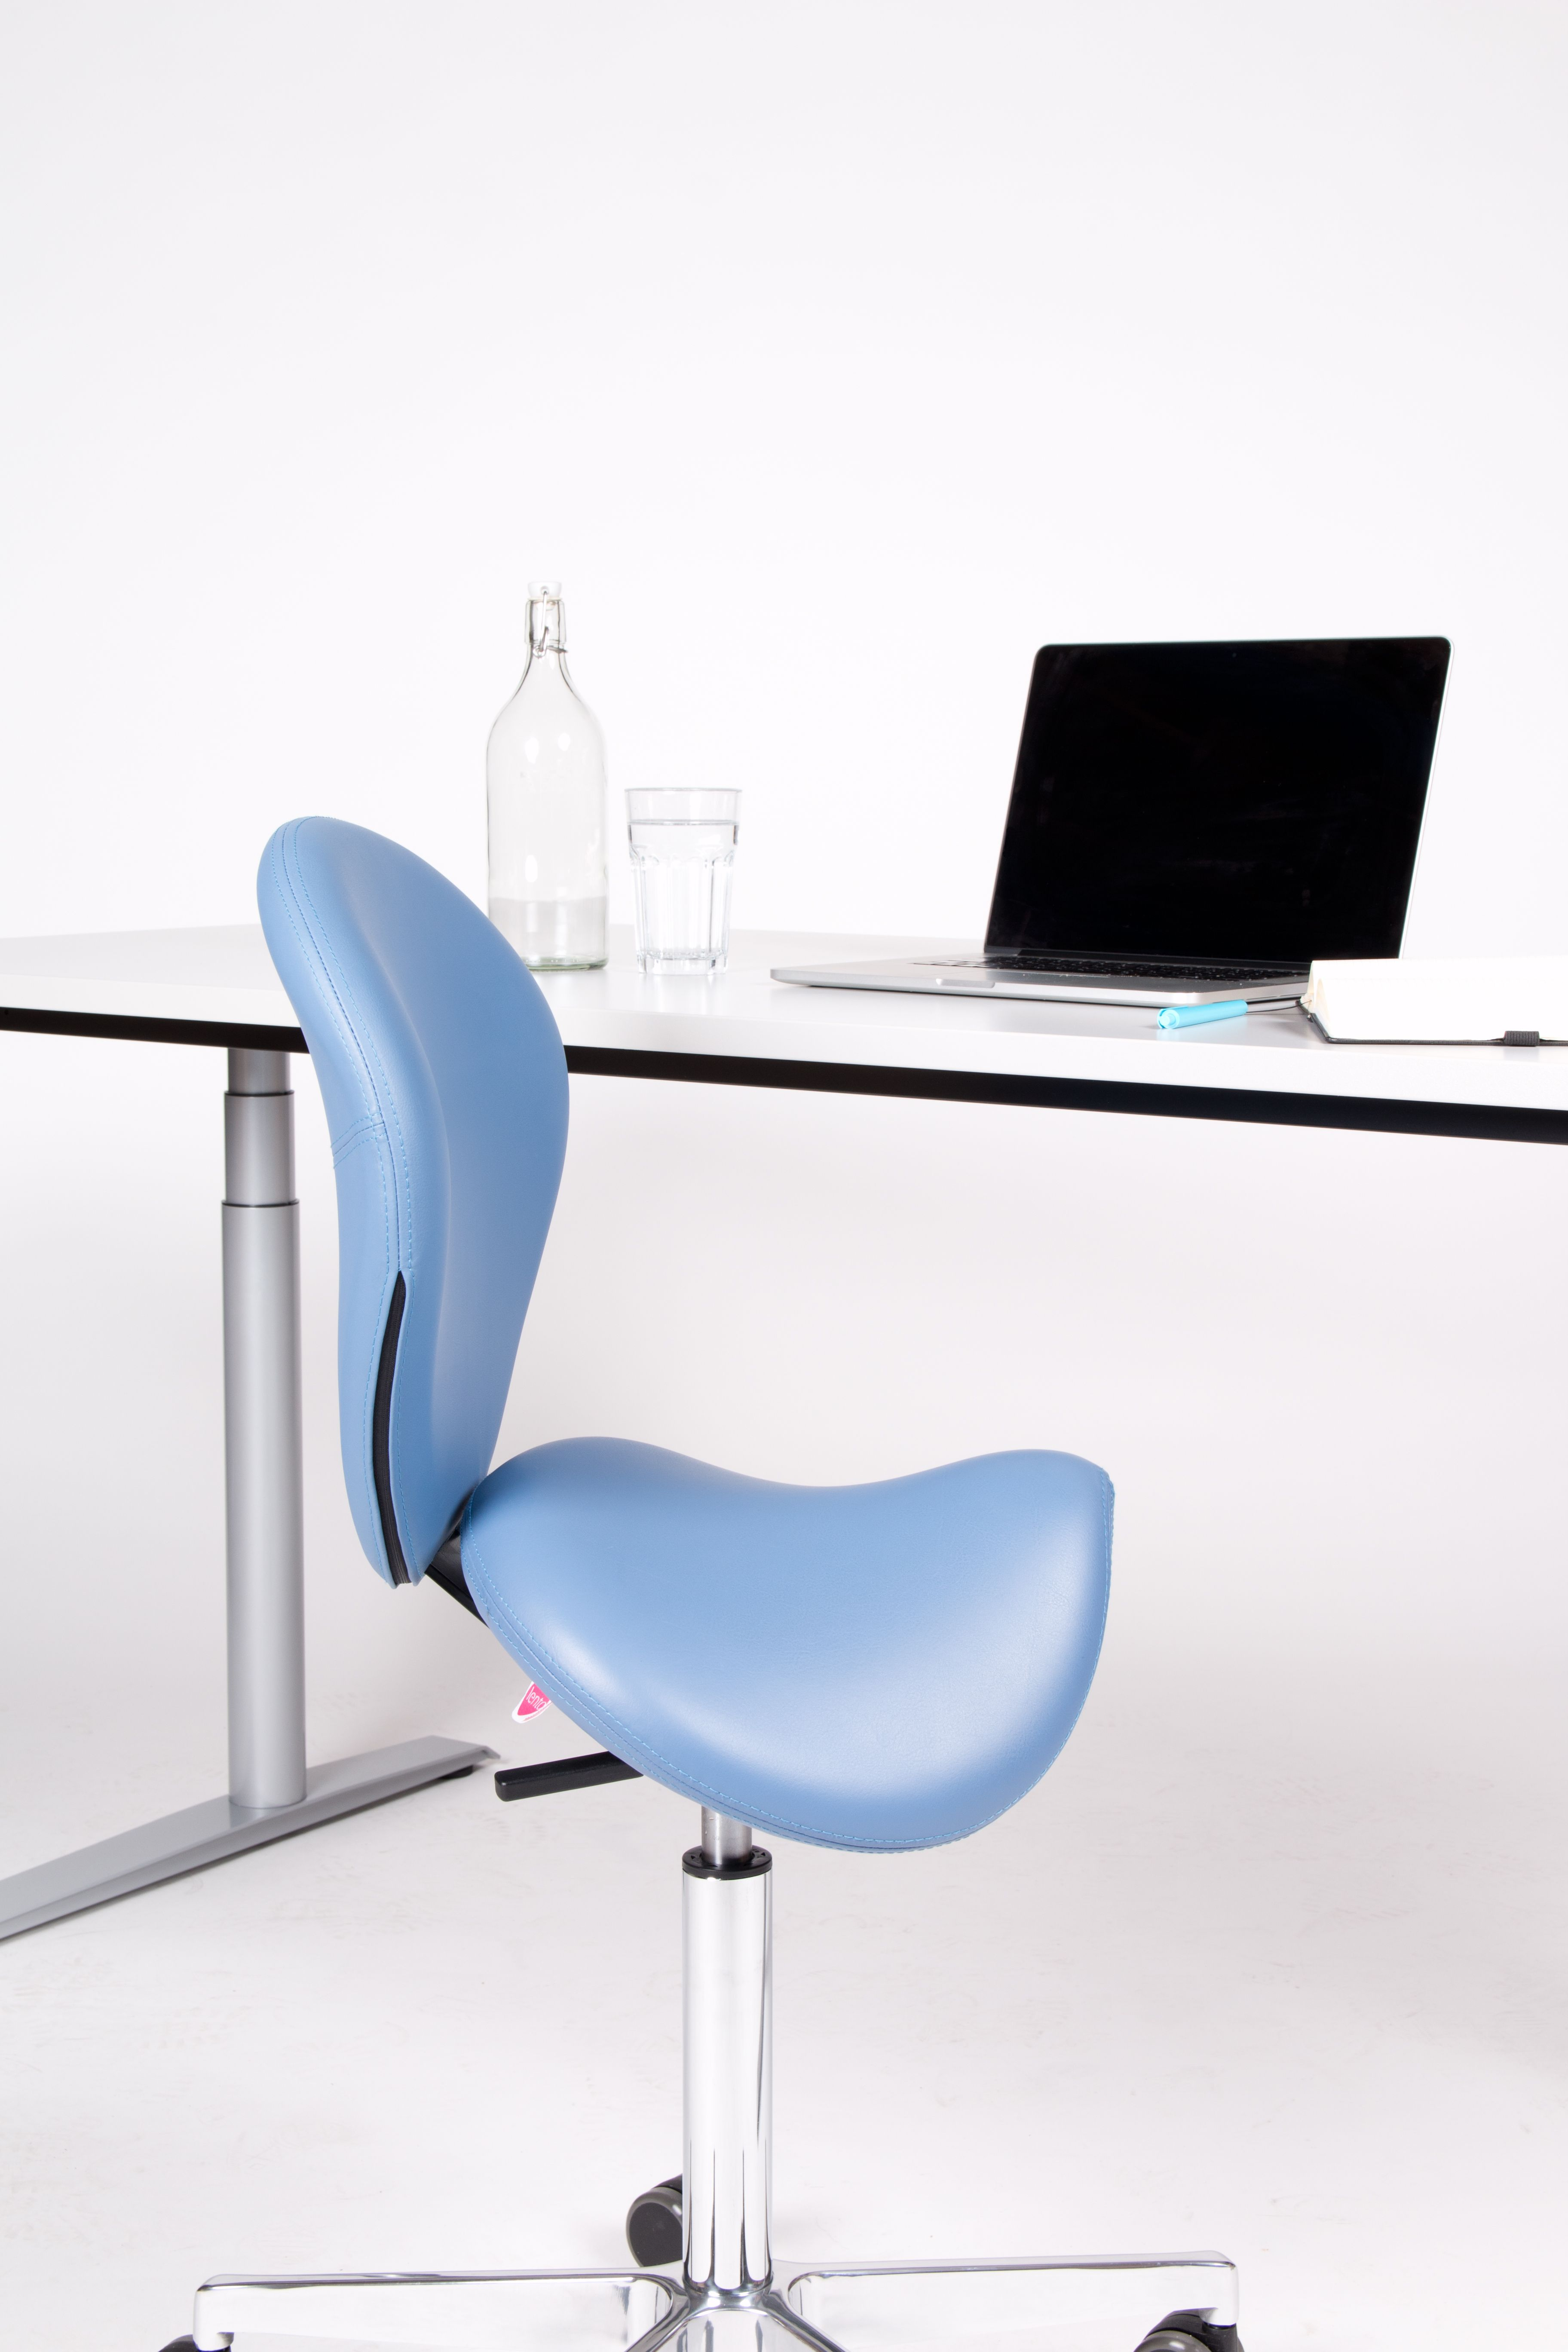 Lento Bürostühle abwechslung am arbeitsplatz gönnen sie ihrem körper neue